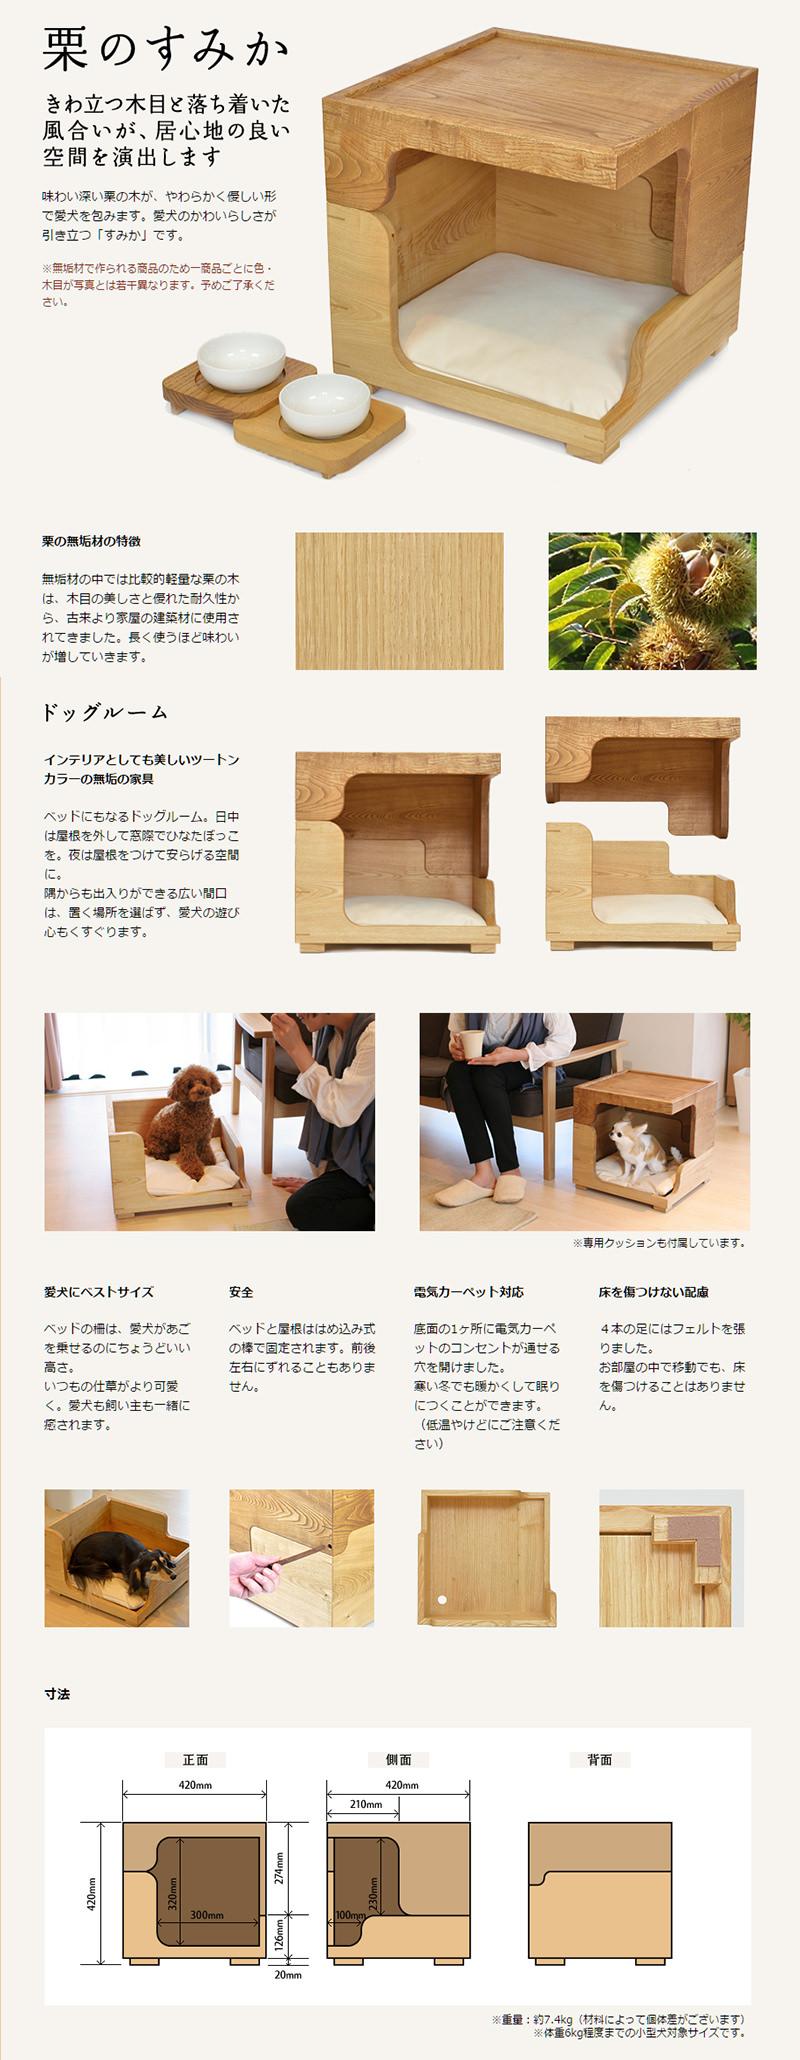 栗のすみか ドッグルーム(犬小屋・犬用ベッド)